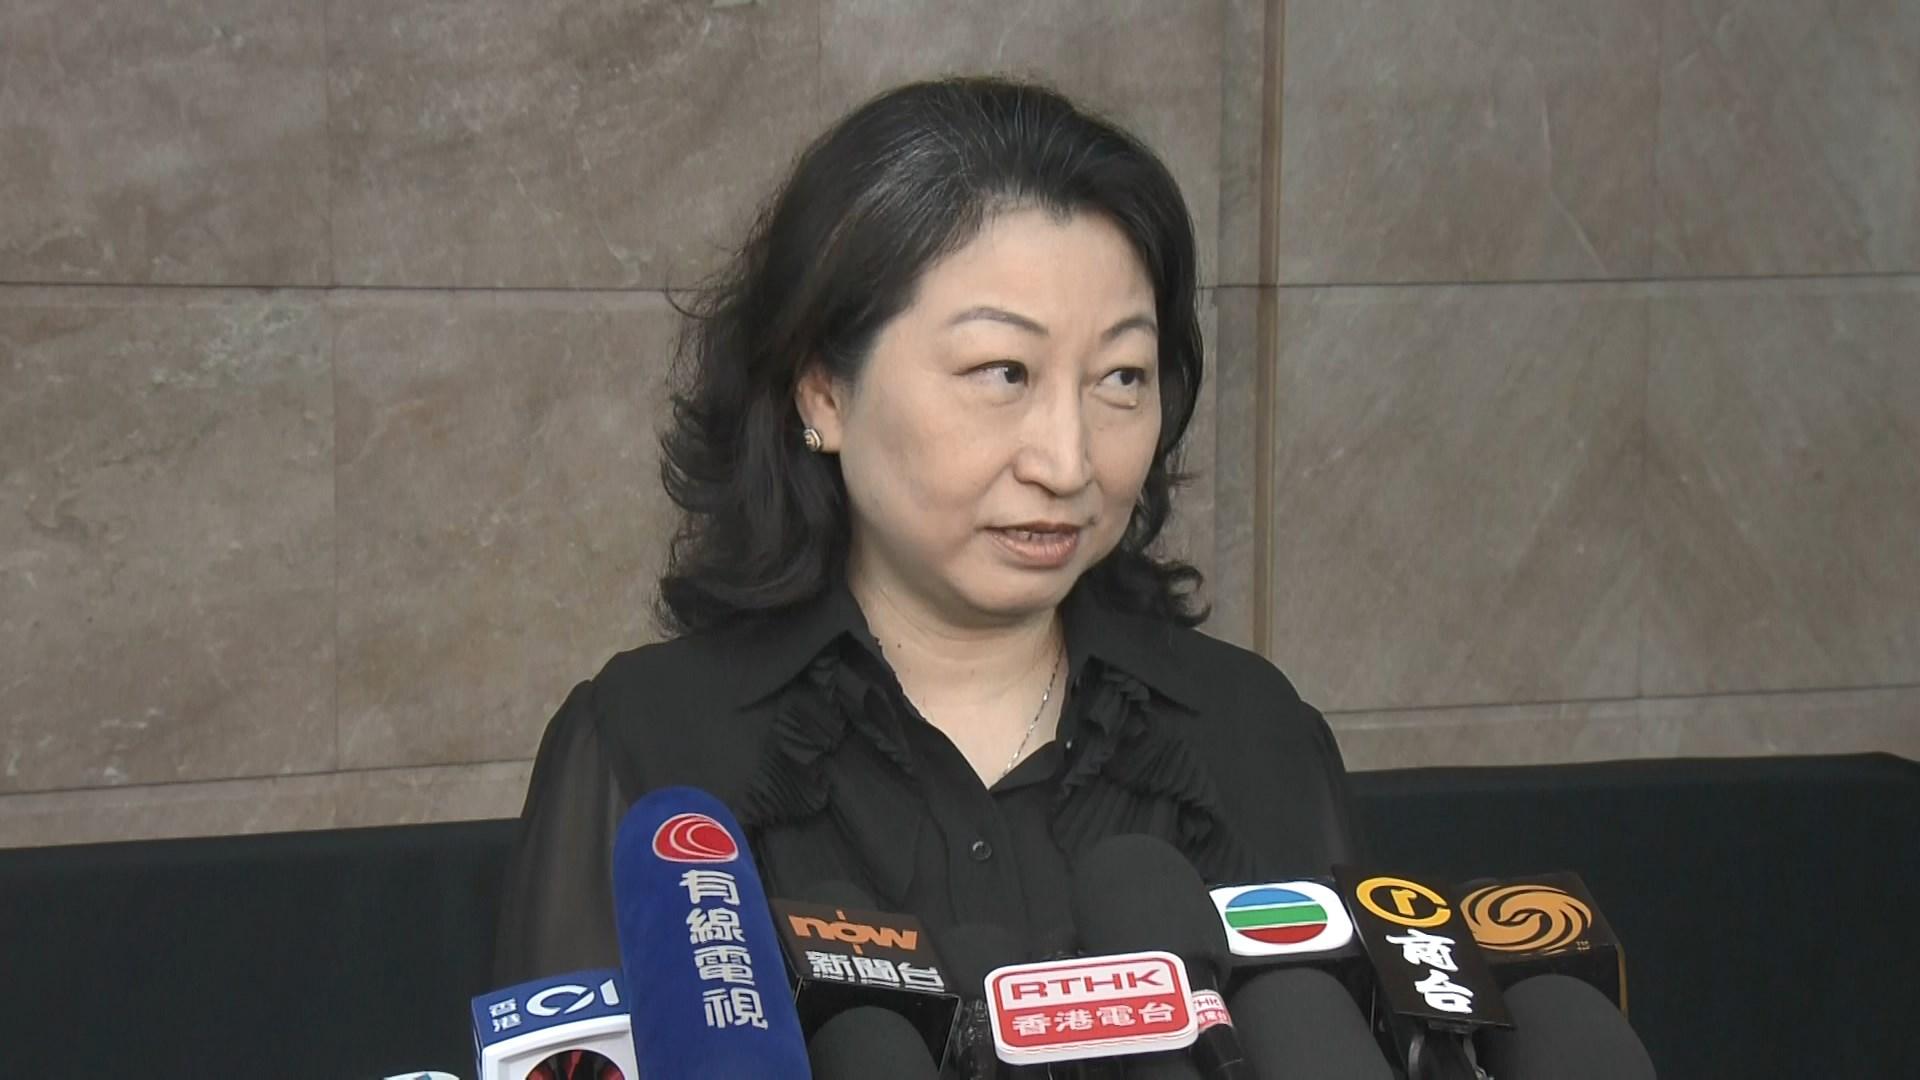 鄭若驊被指上任後續參與仲裁 特首辦未回應